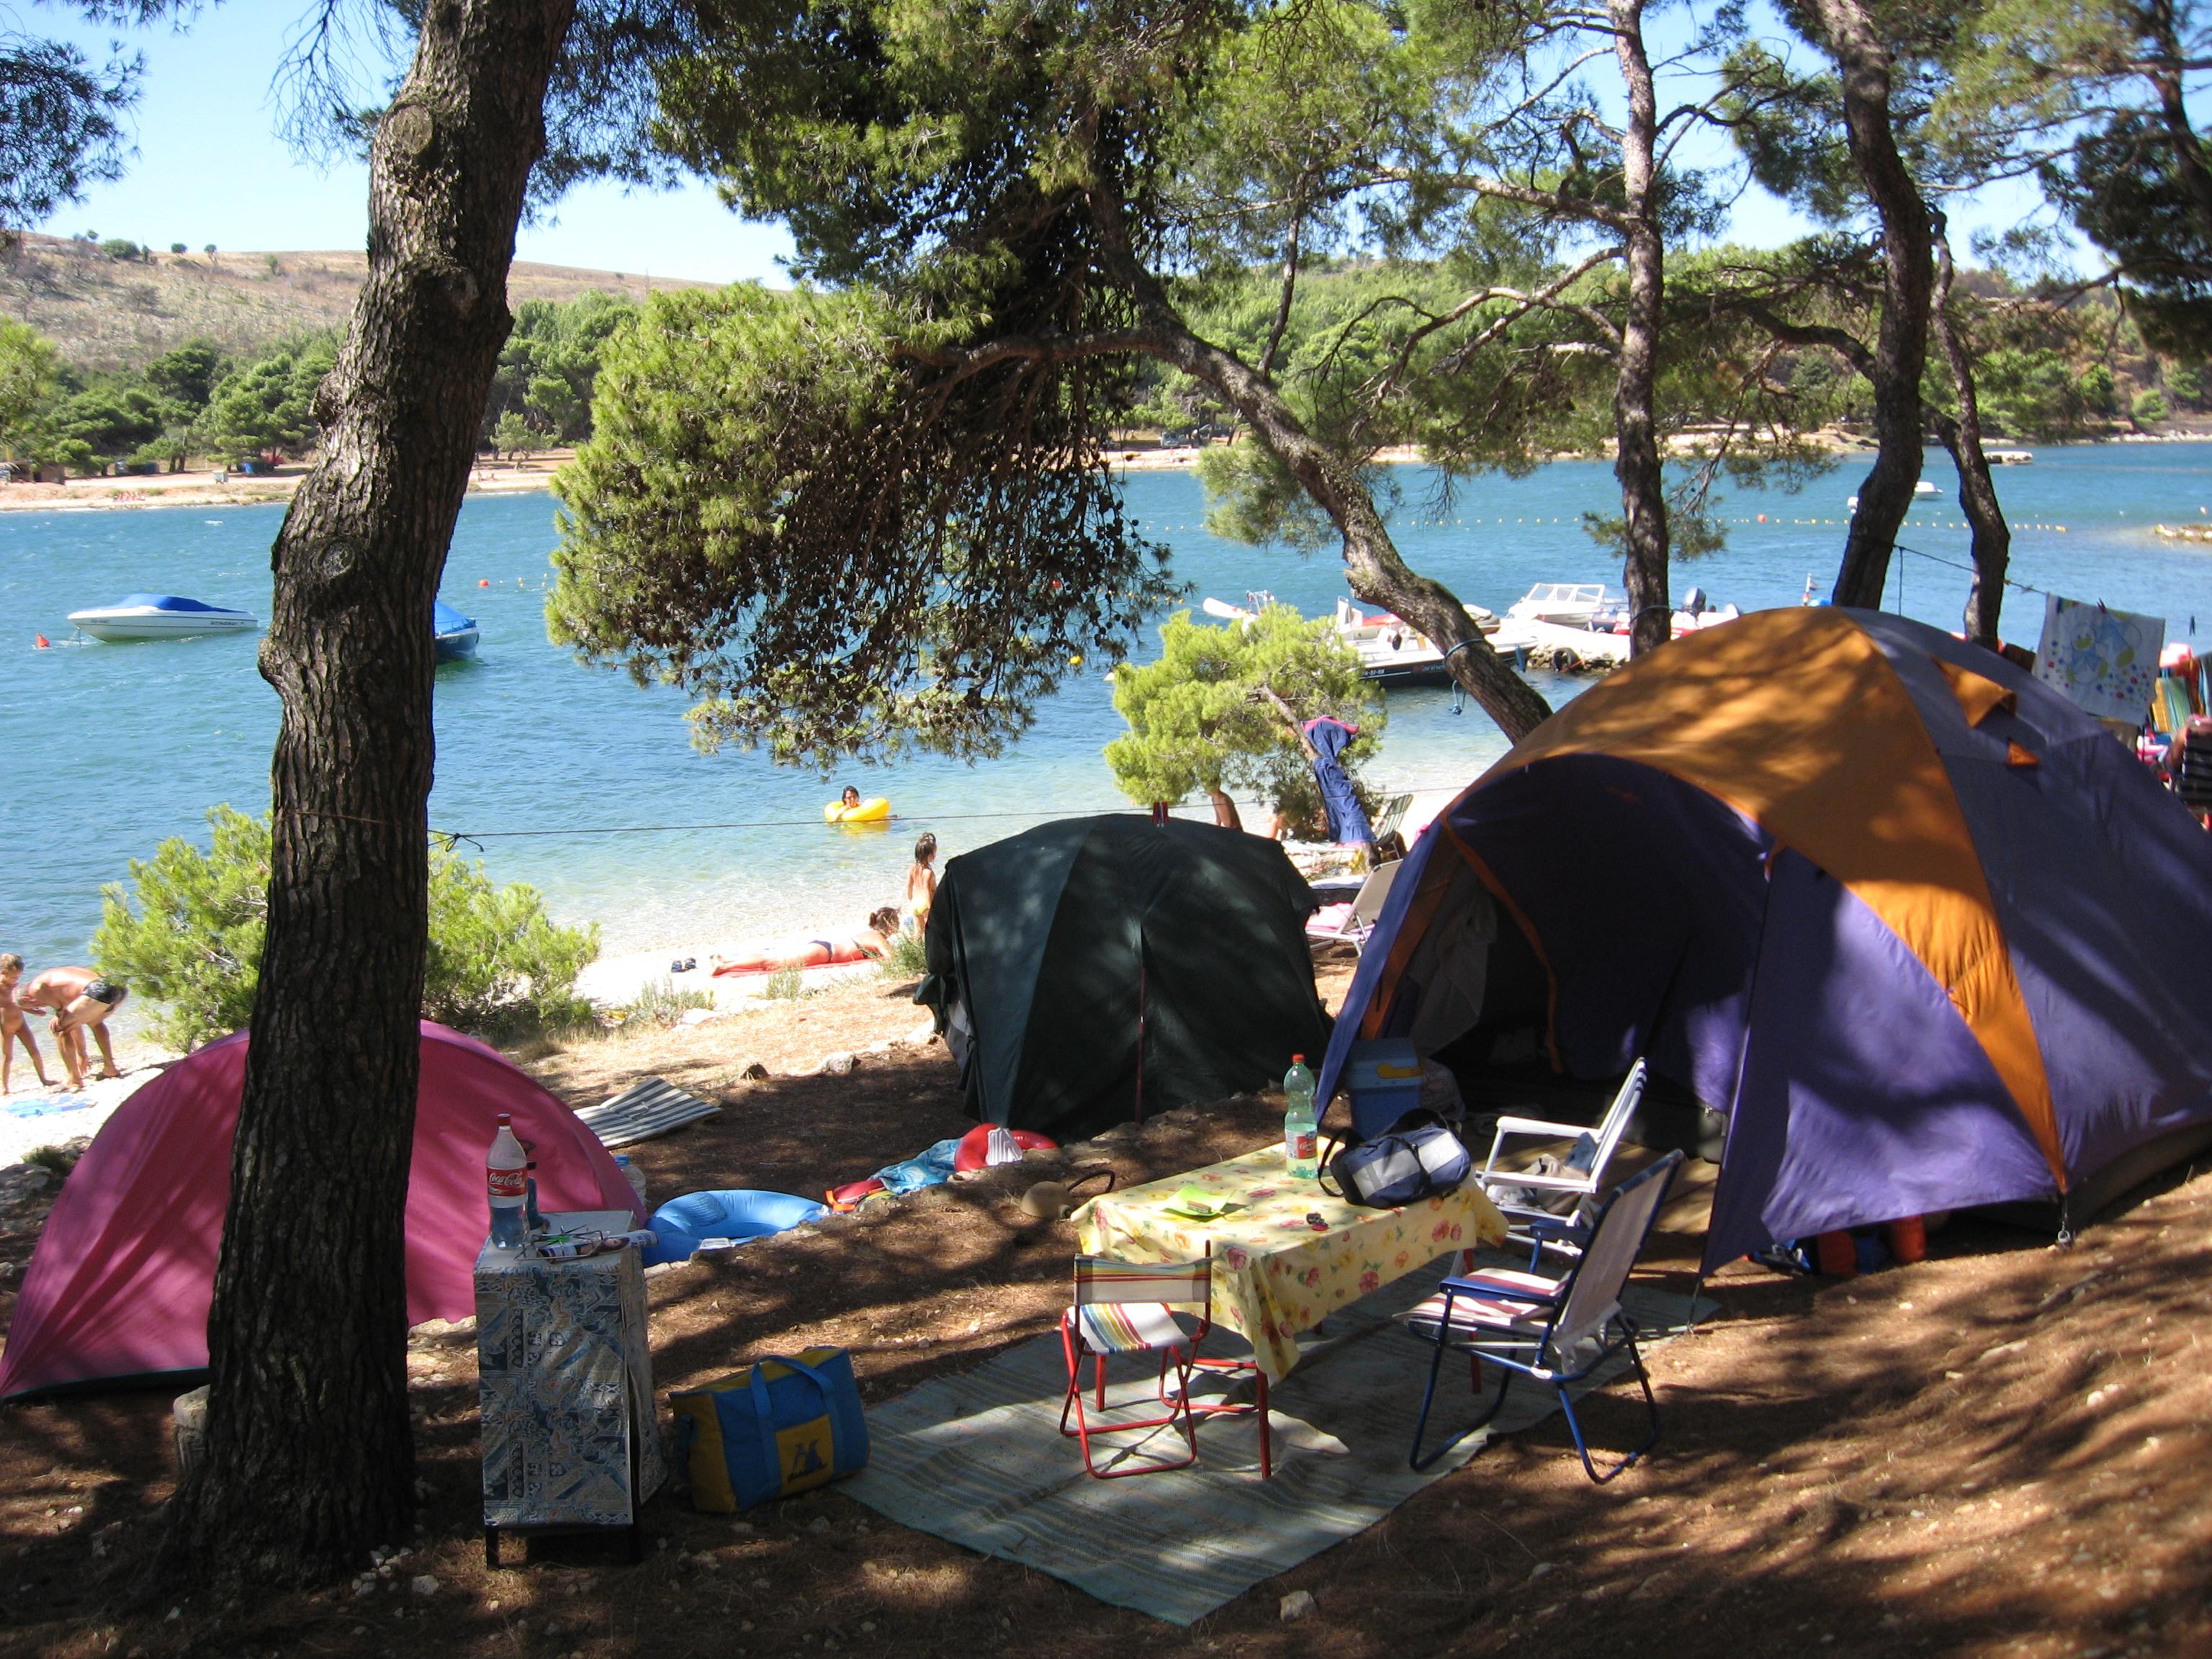 Https Commons Wikimedia Org Wiki File Camping Pomer Jpg